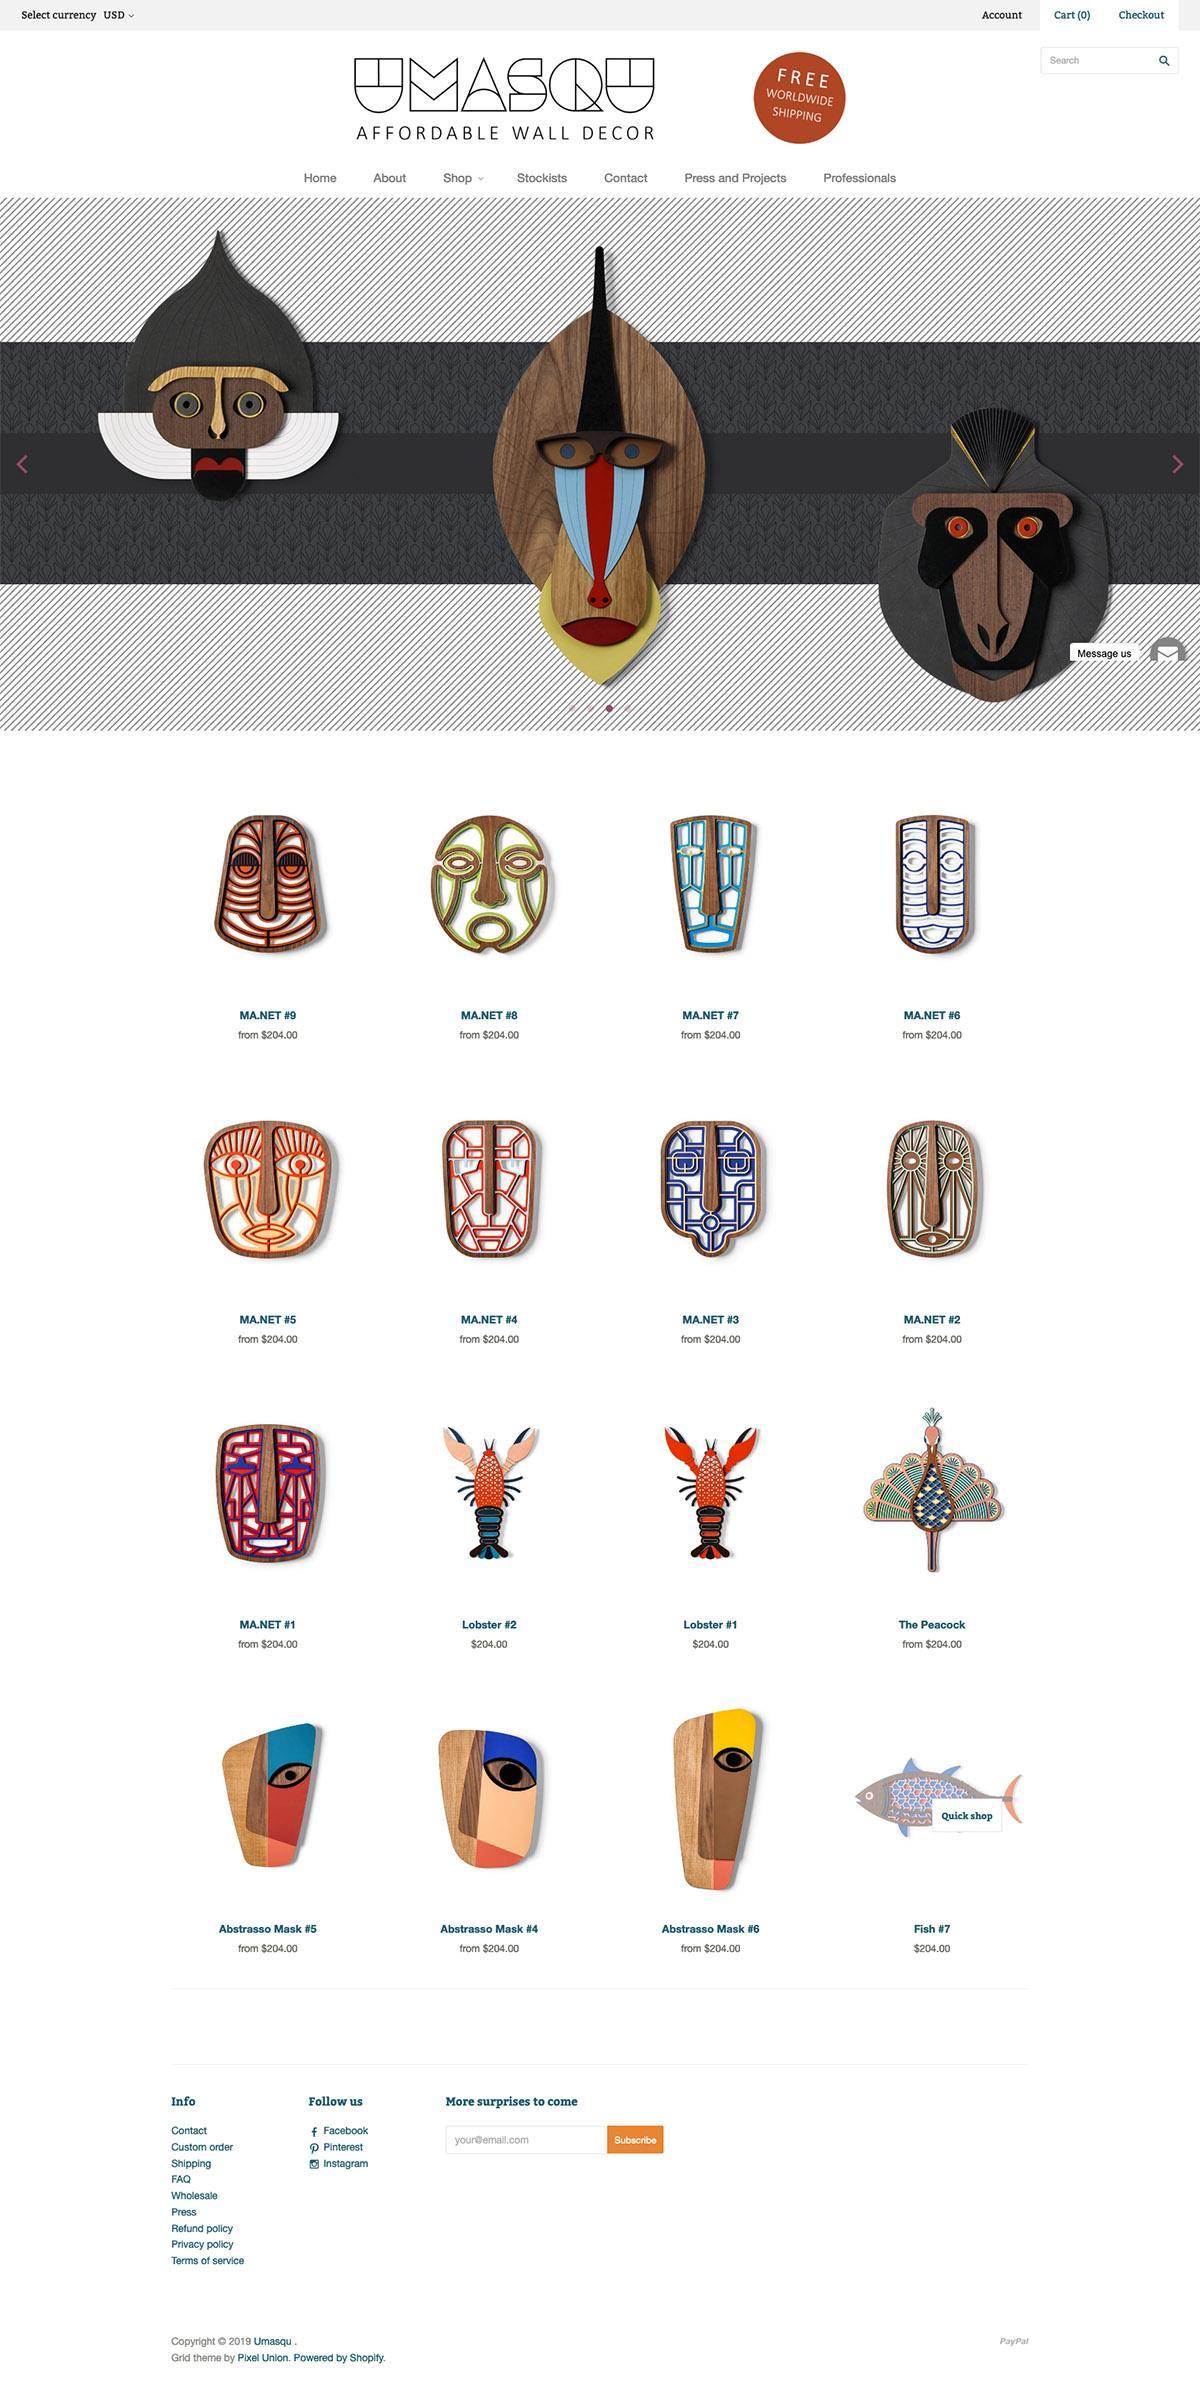 eCommerce website: Umasqu